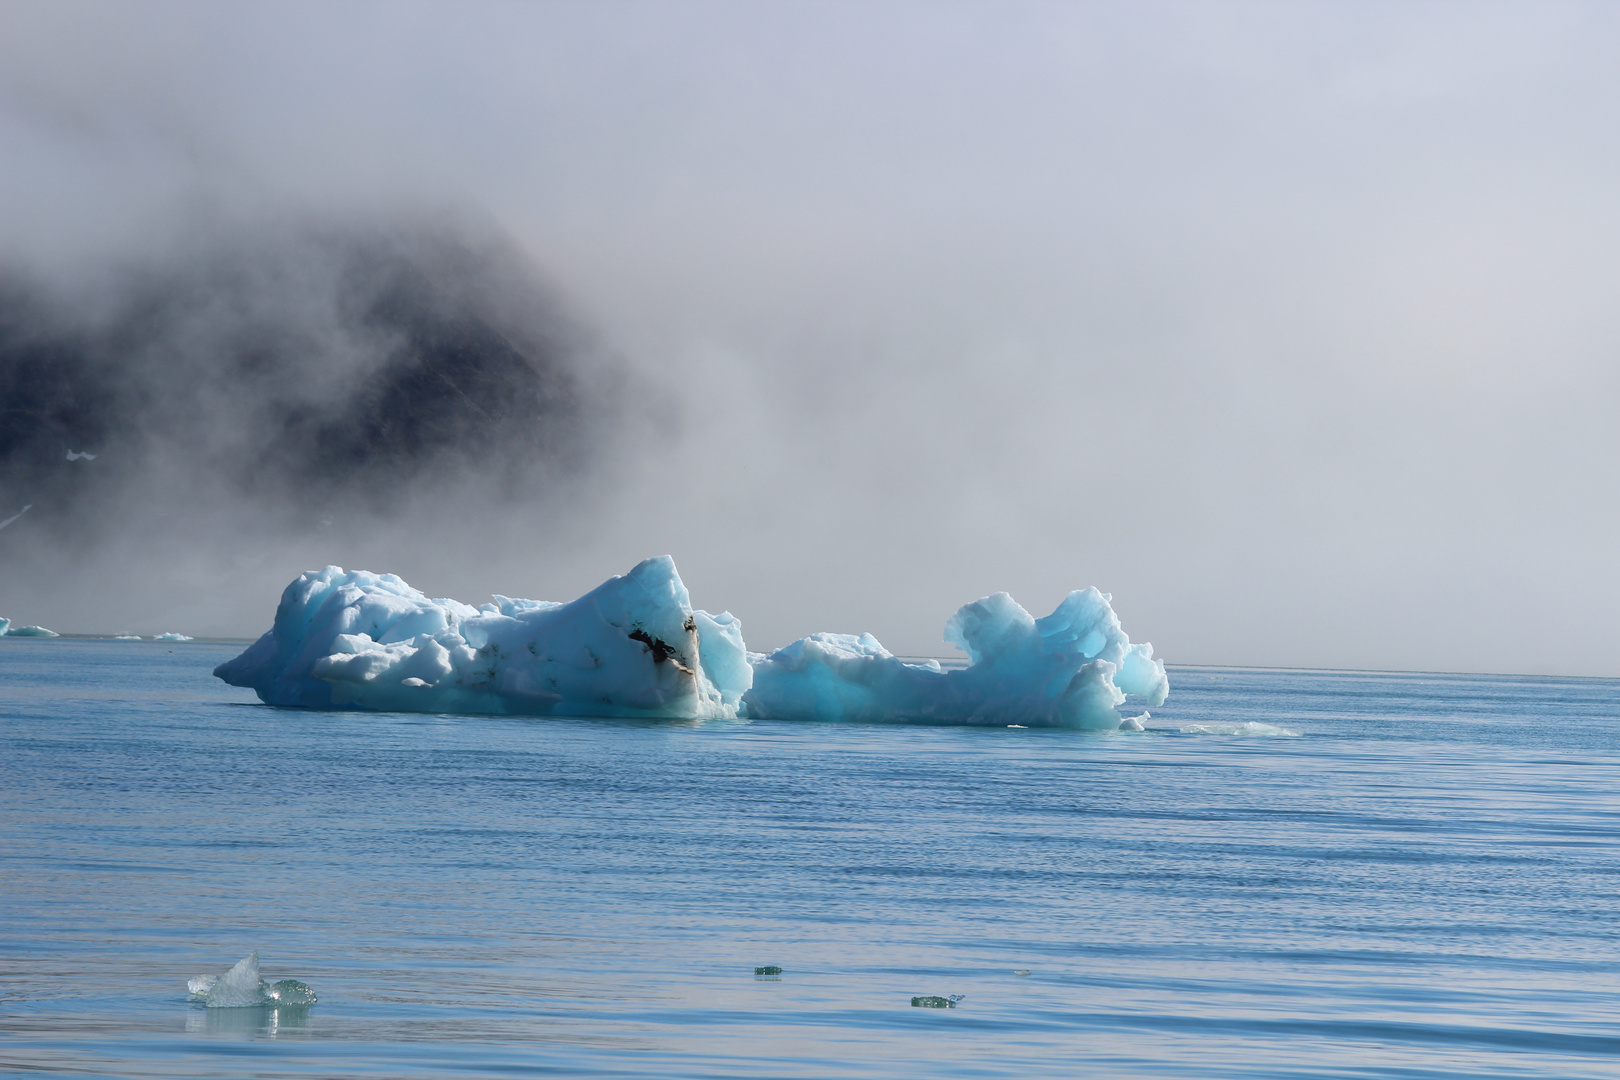 Eisbergen tauchen aus dem Nebel hervor.